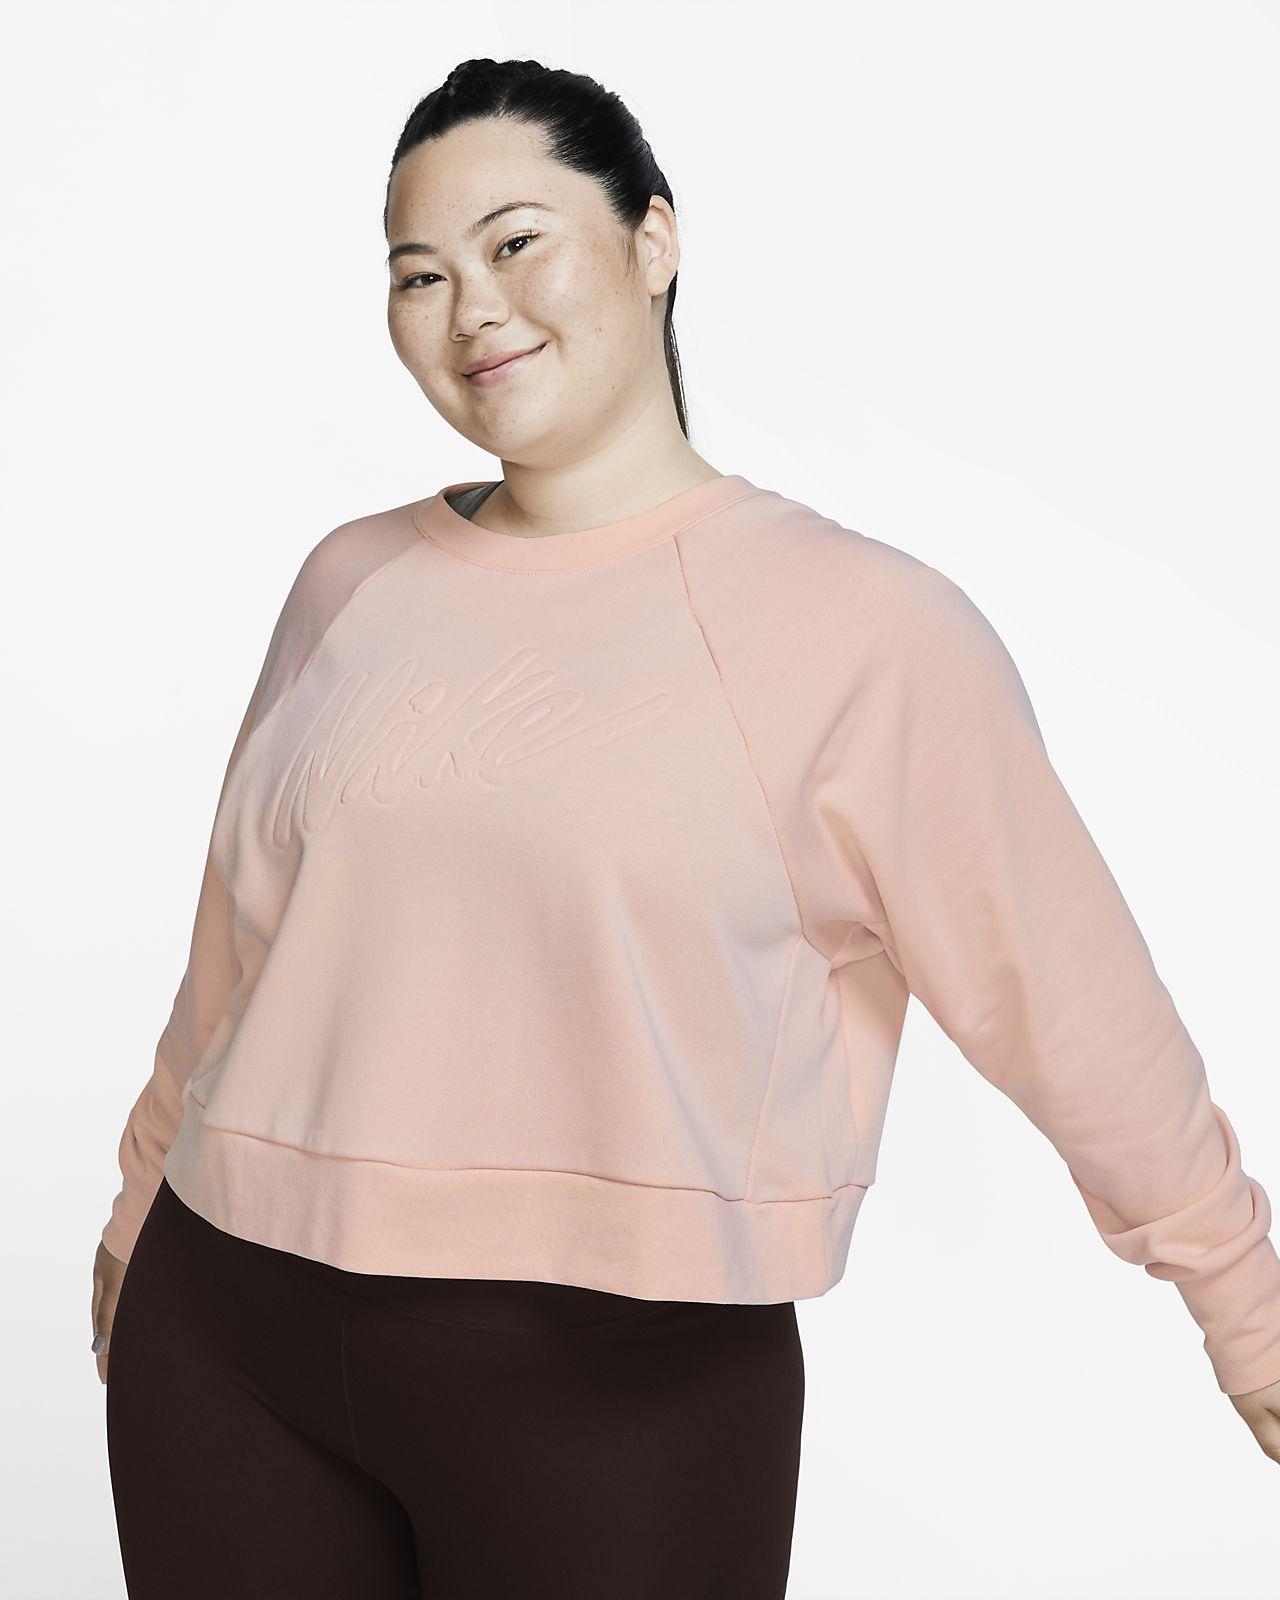 Camisola de treino de manga comprida Nike Dri-FIT para mulher (tamanhos grandes)